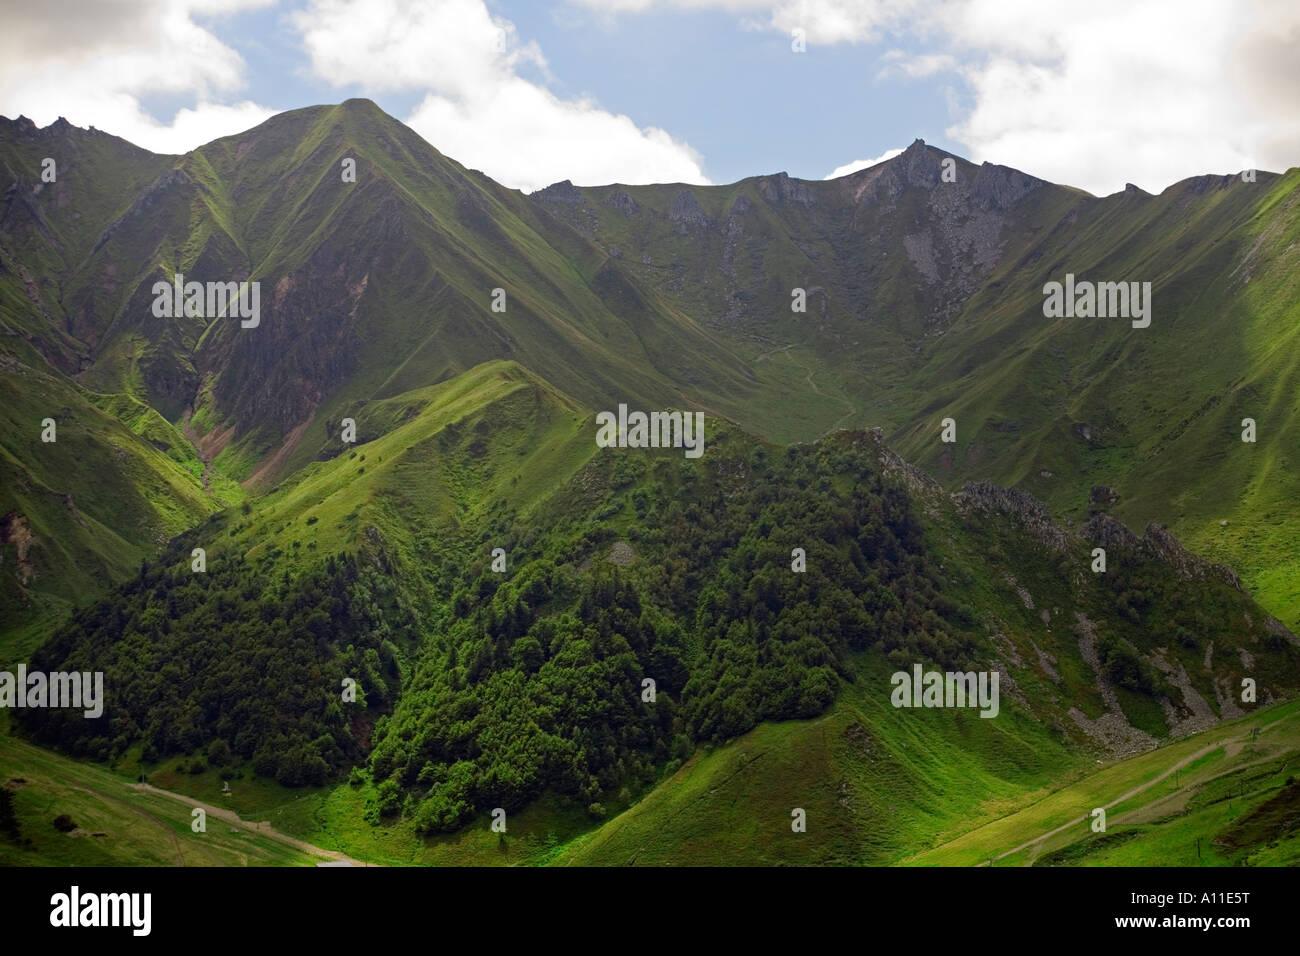 Le Massif du Sancy (Puy de Dôme - France). Massif du Sancy (Puy-de-Dôme 63 - France). Photo Stock